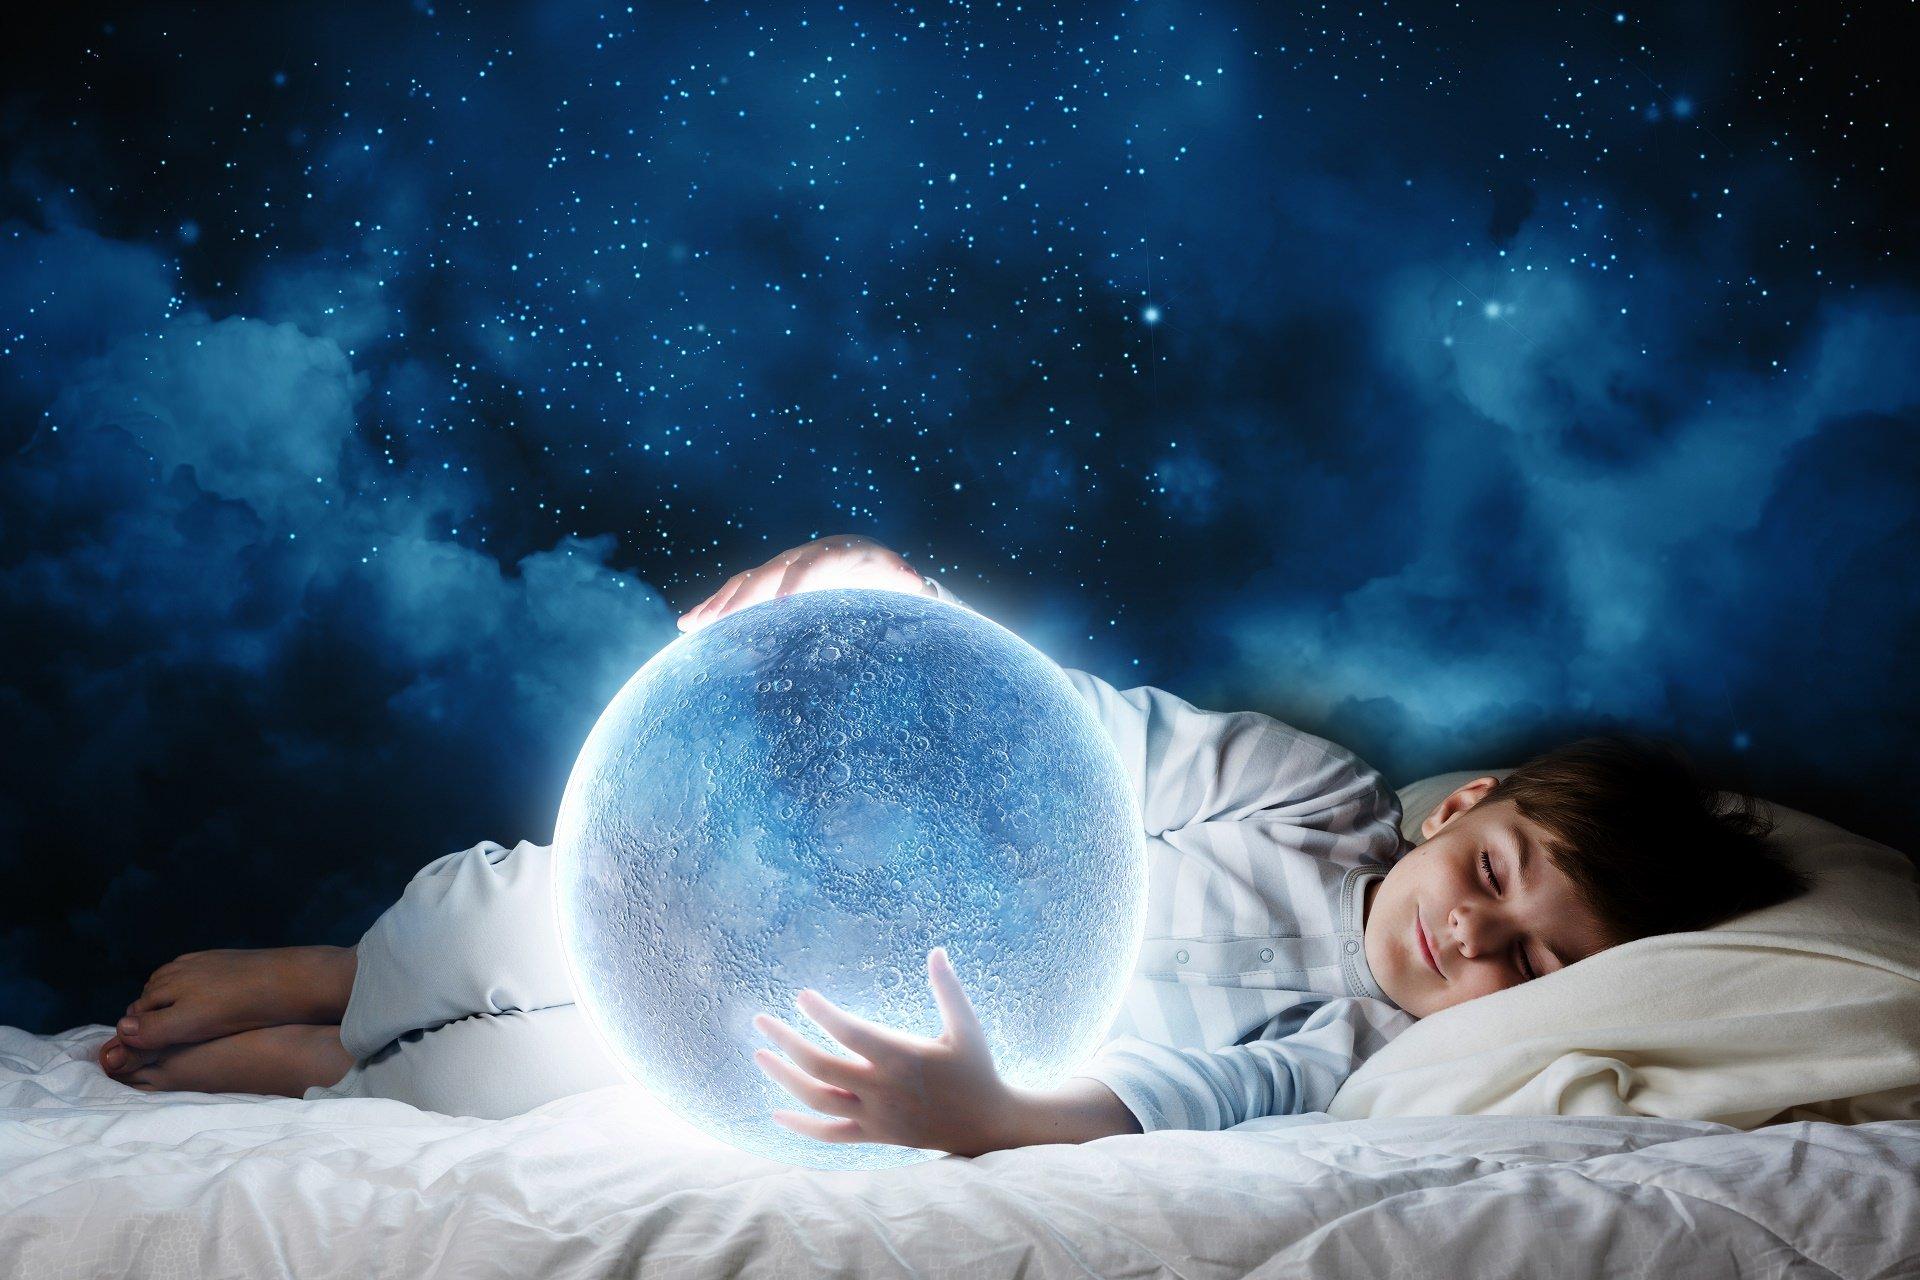 является необычные сны картинки нему может каждый